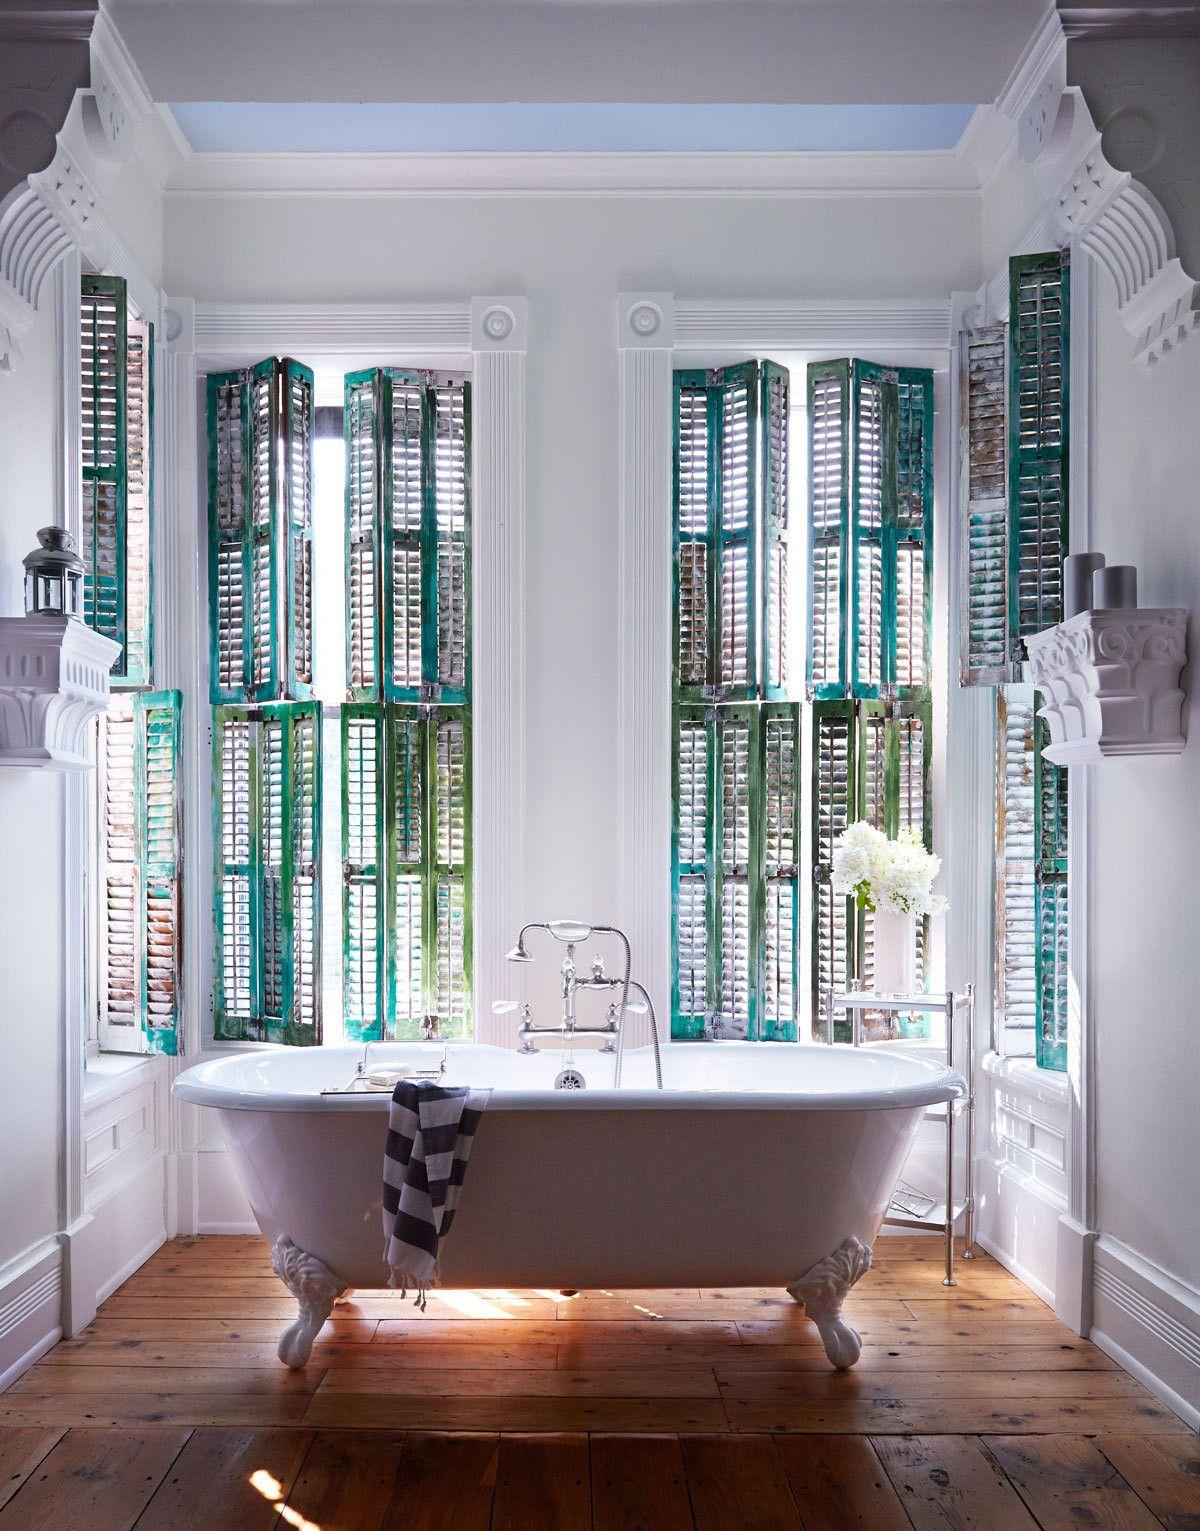 Badkamer met gekleurde shutters! #weloveshutters www.shutters.nl ...